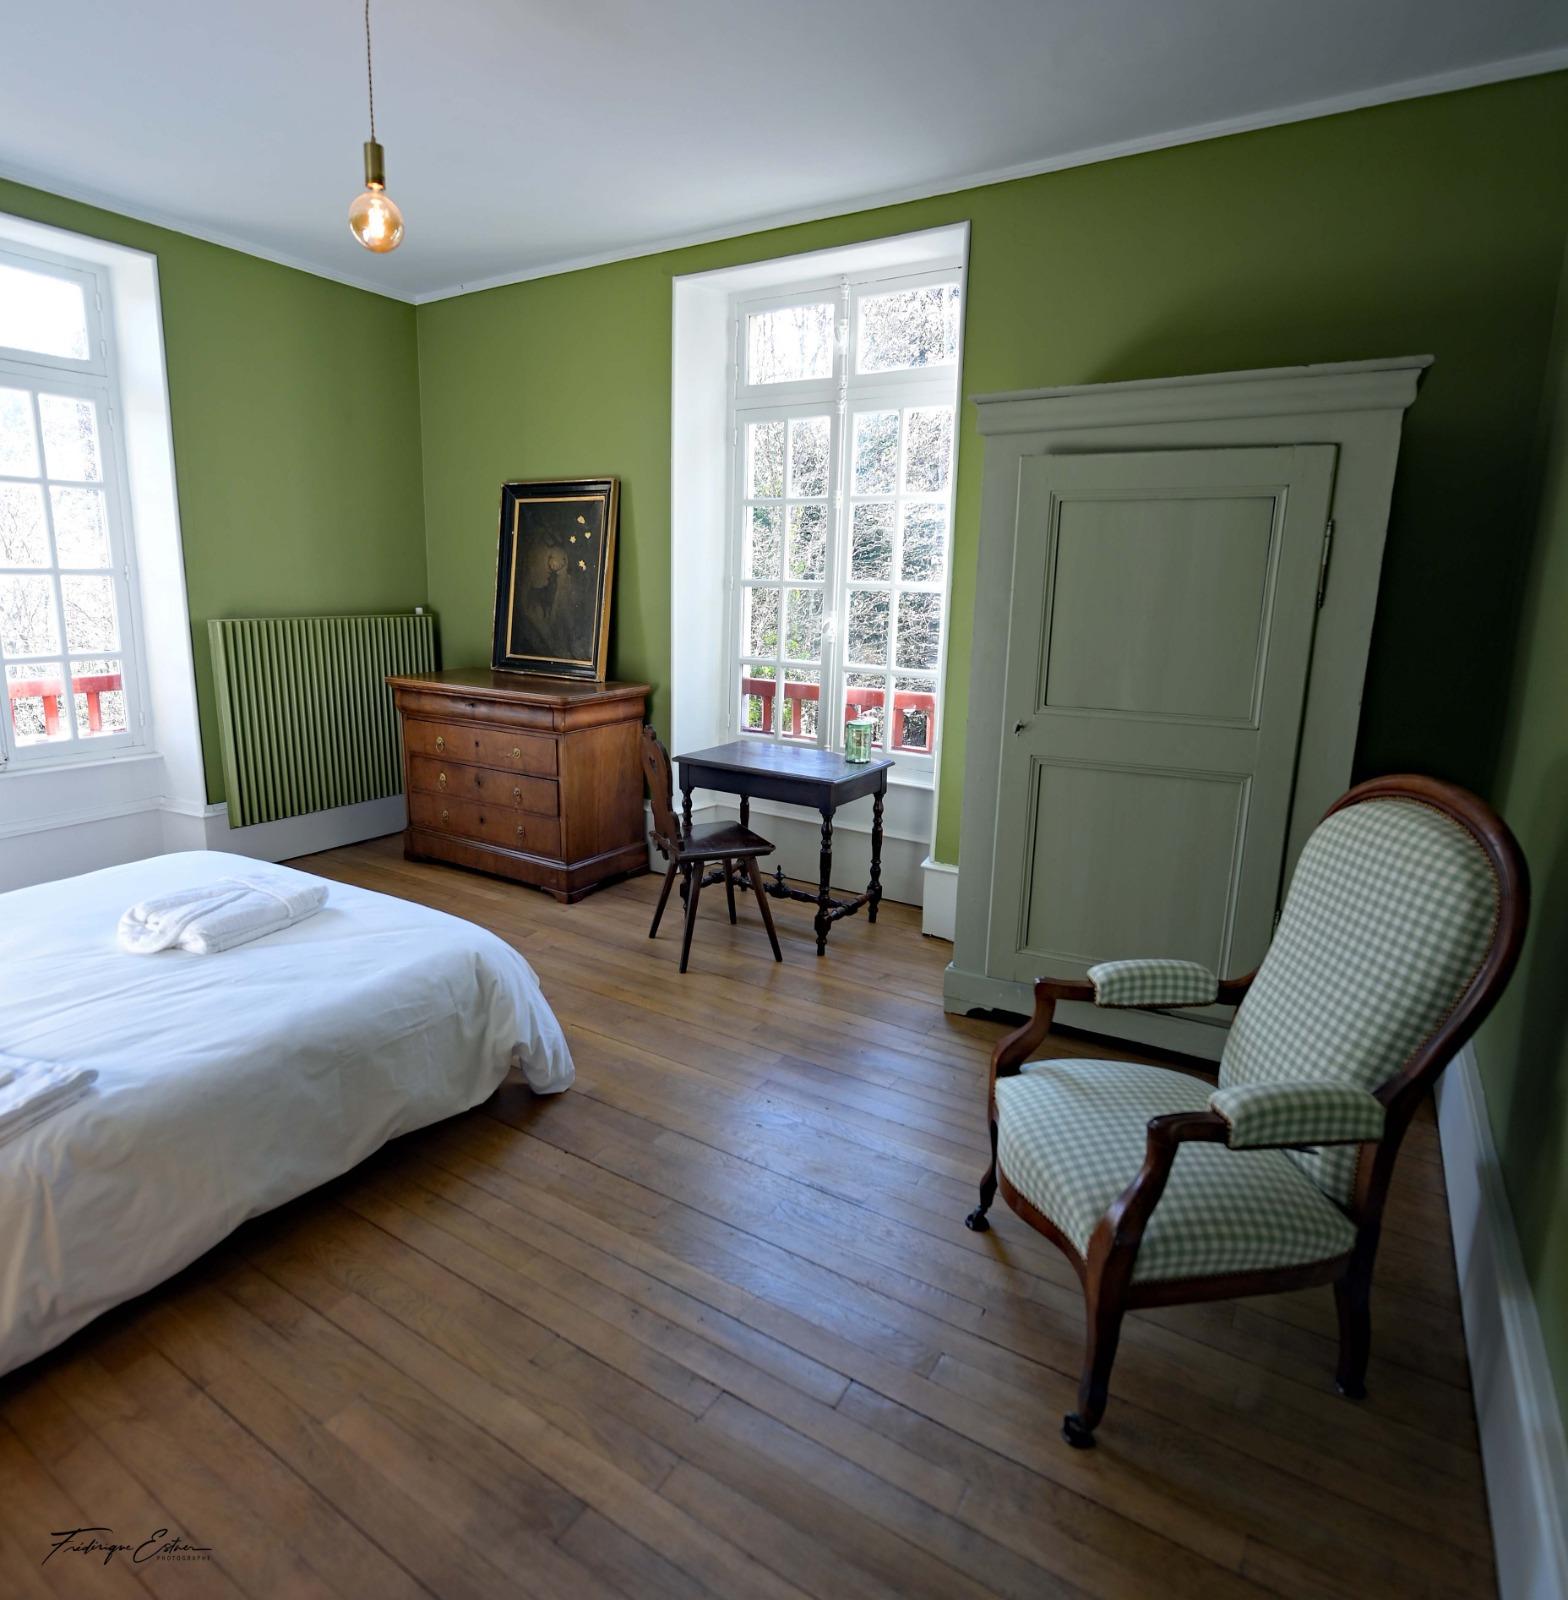 Chambre avec un lit et une chaise